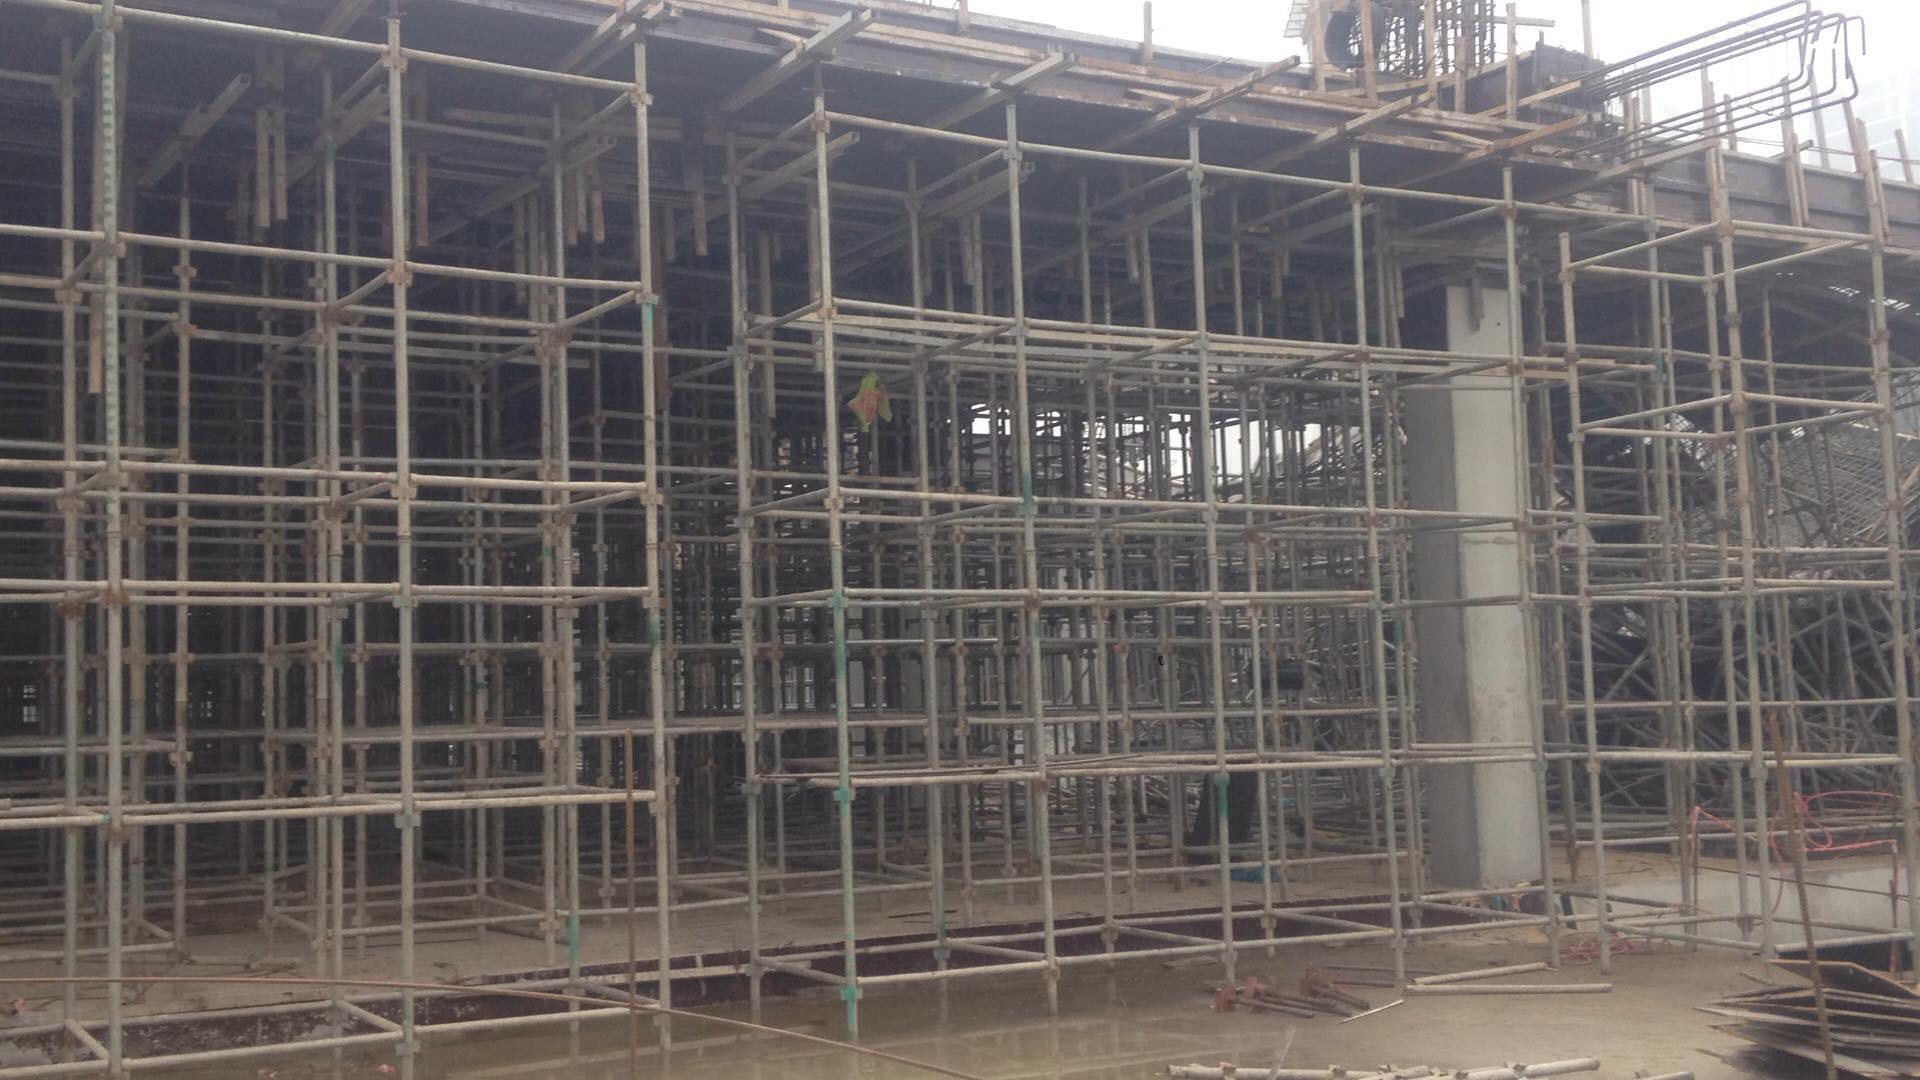 Hà Nội: Sập giàn giáo công trình xây dựng khiến 3 người chết, nhiều người bị thương - Ảnh 2.